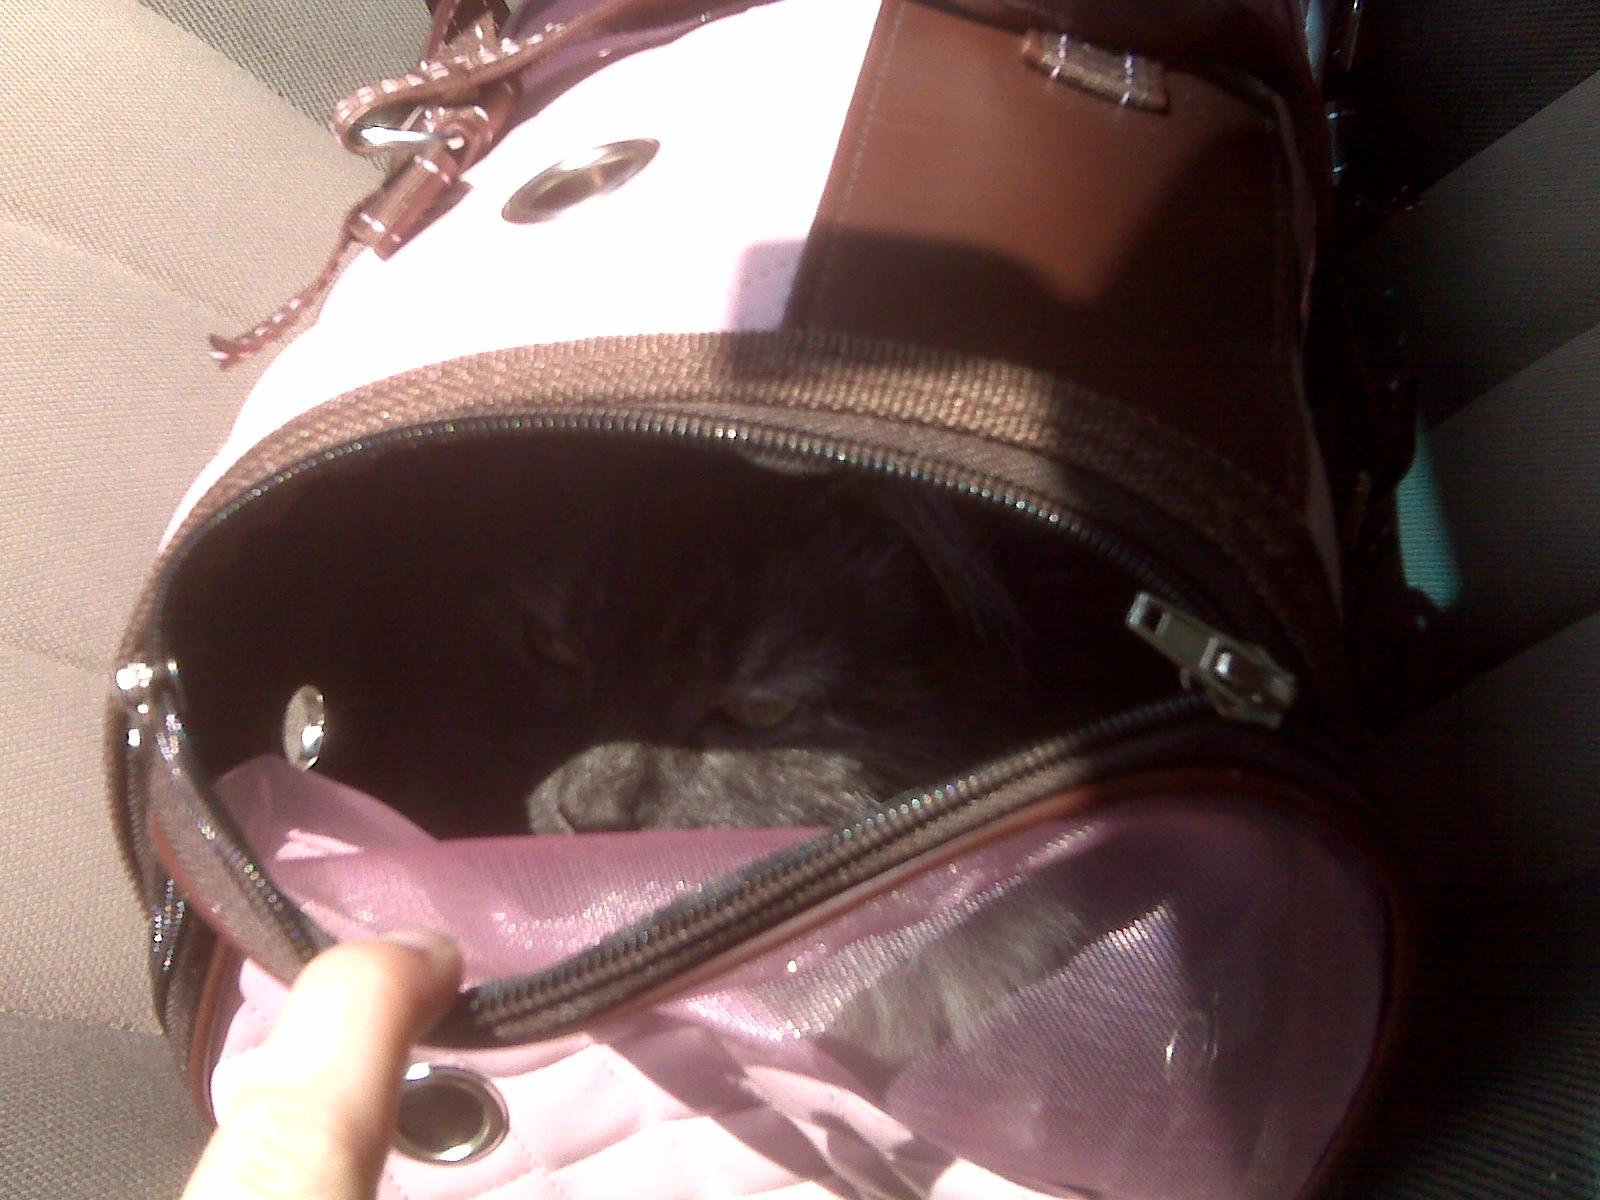 she secretly loves the pink bag